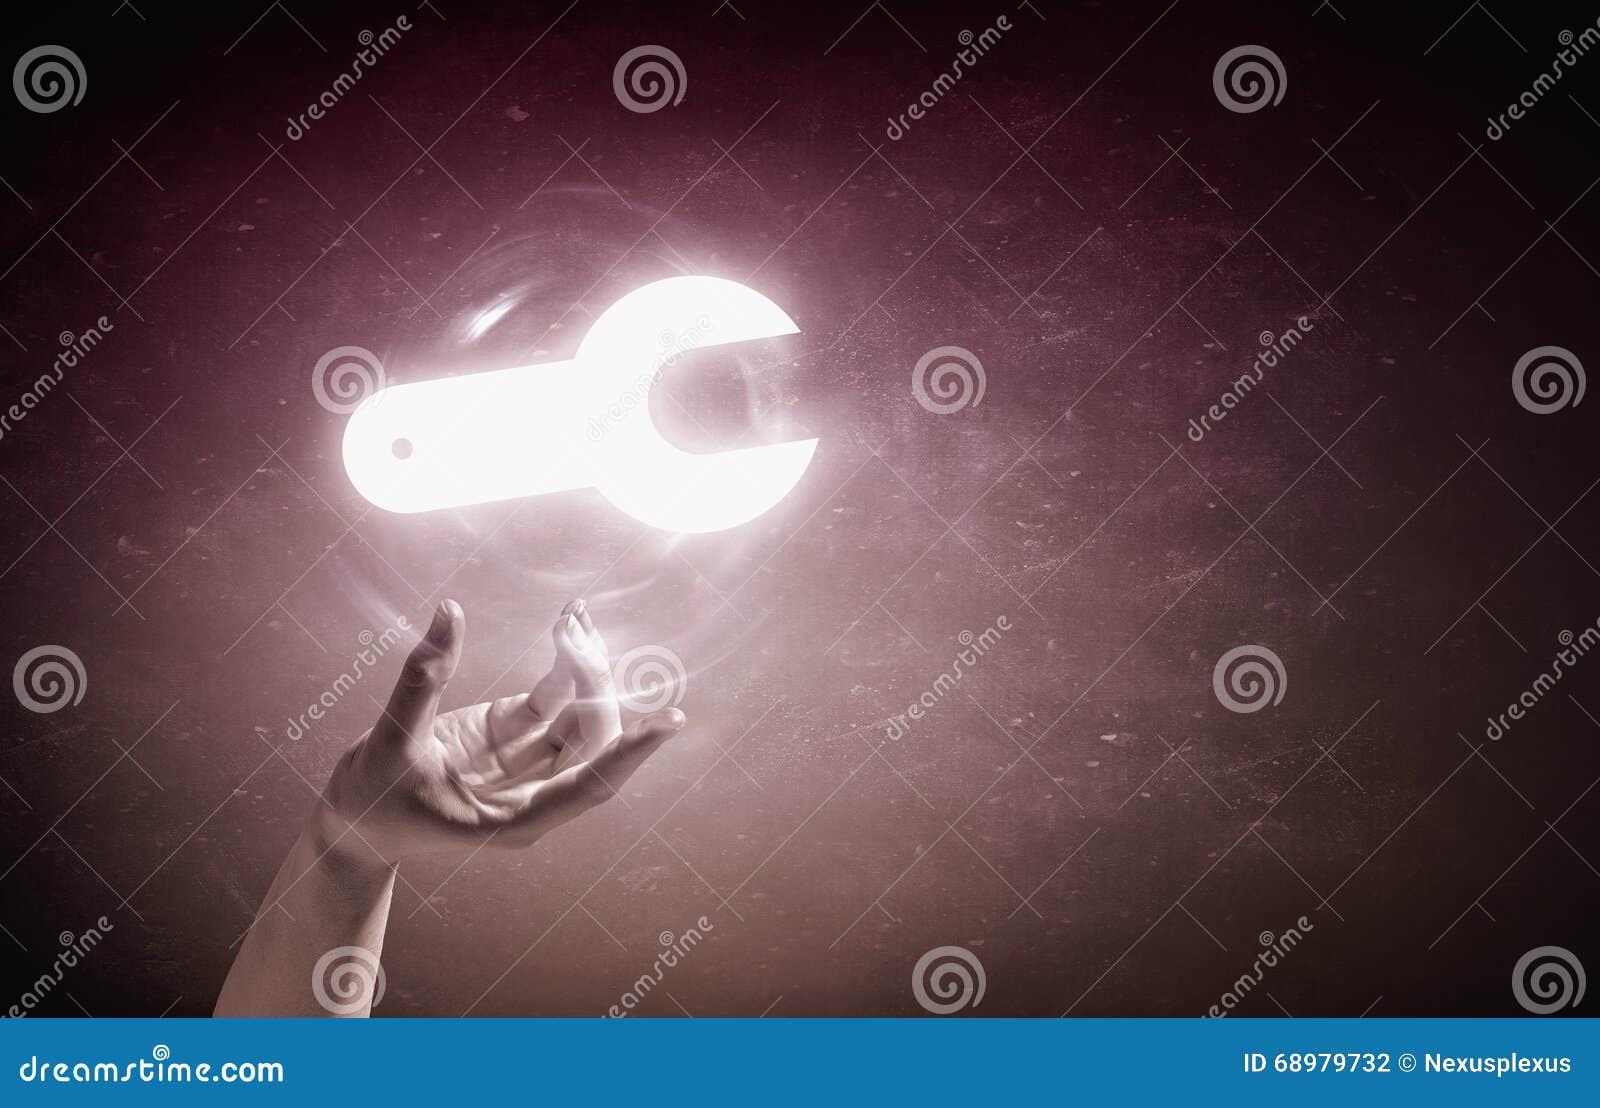 Mantenga el símbolo que brilla intensamente